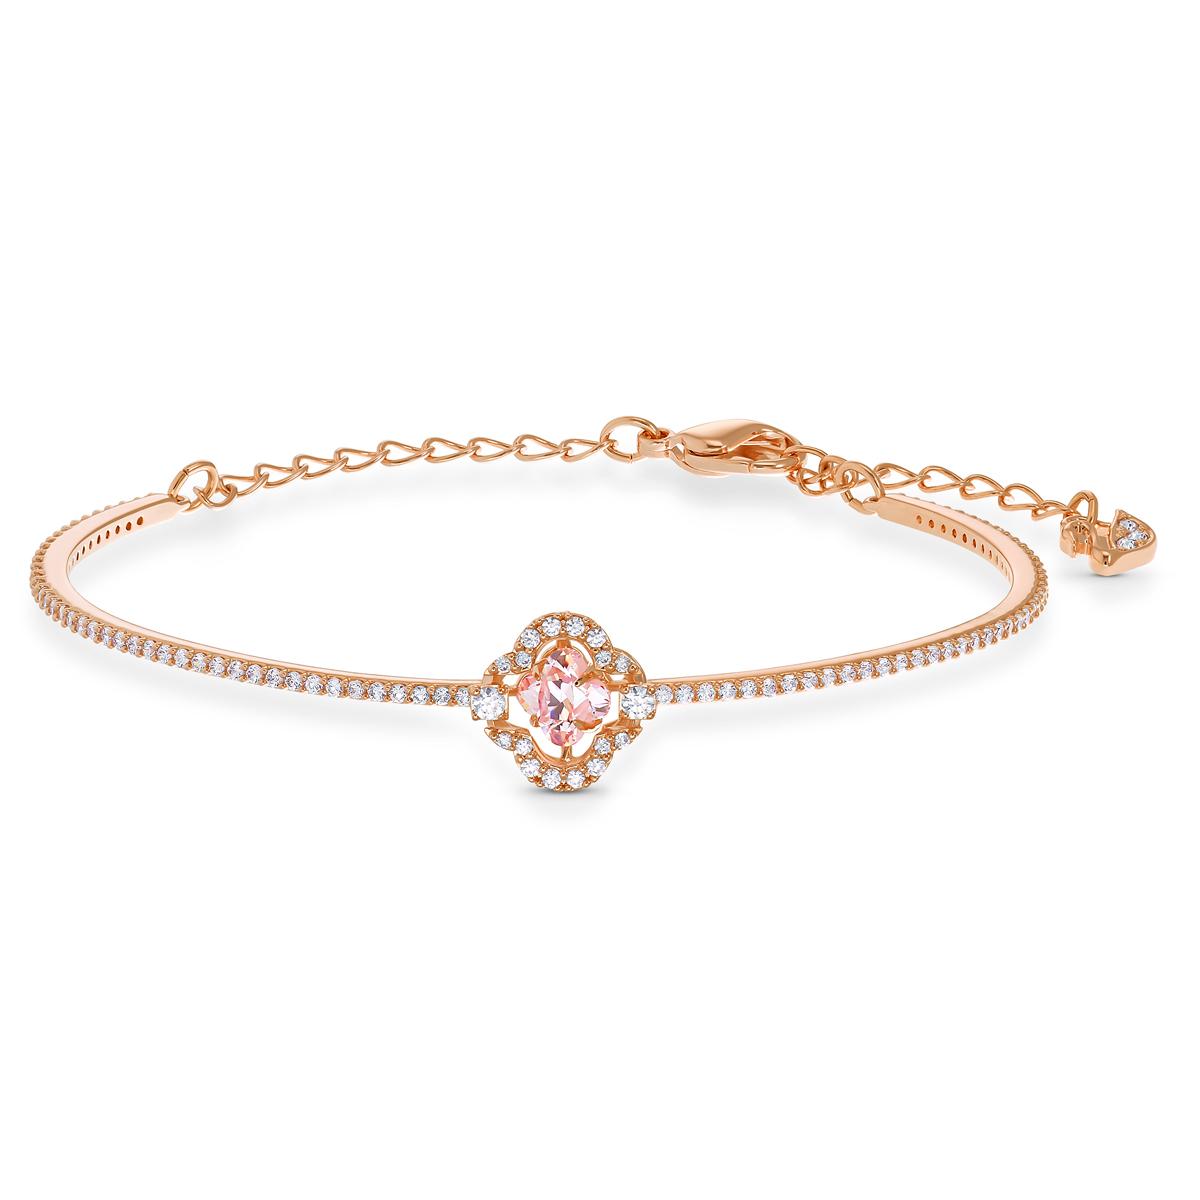 Swarovski Bracelet Sparkling Dance Bangle Crystal Rose Gold M